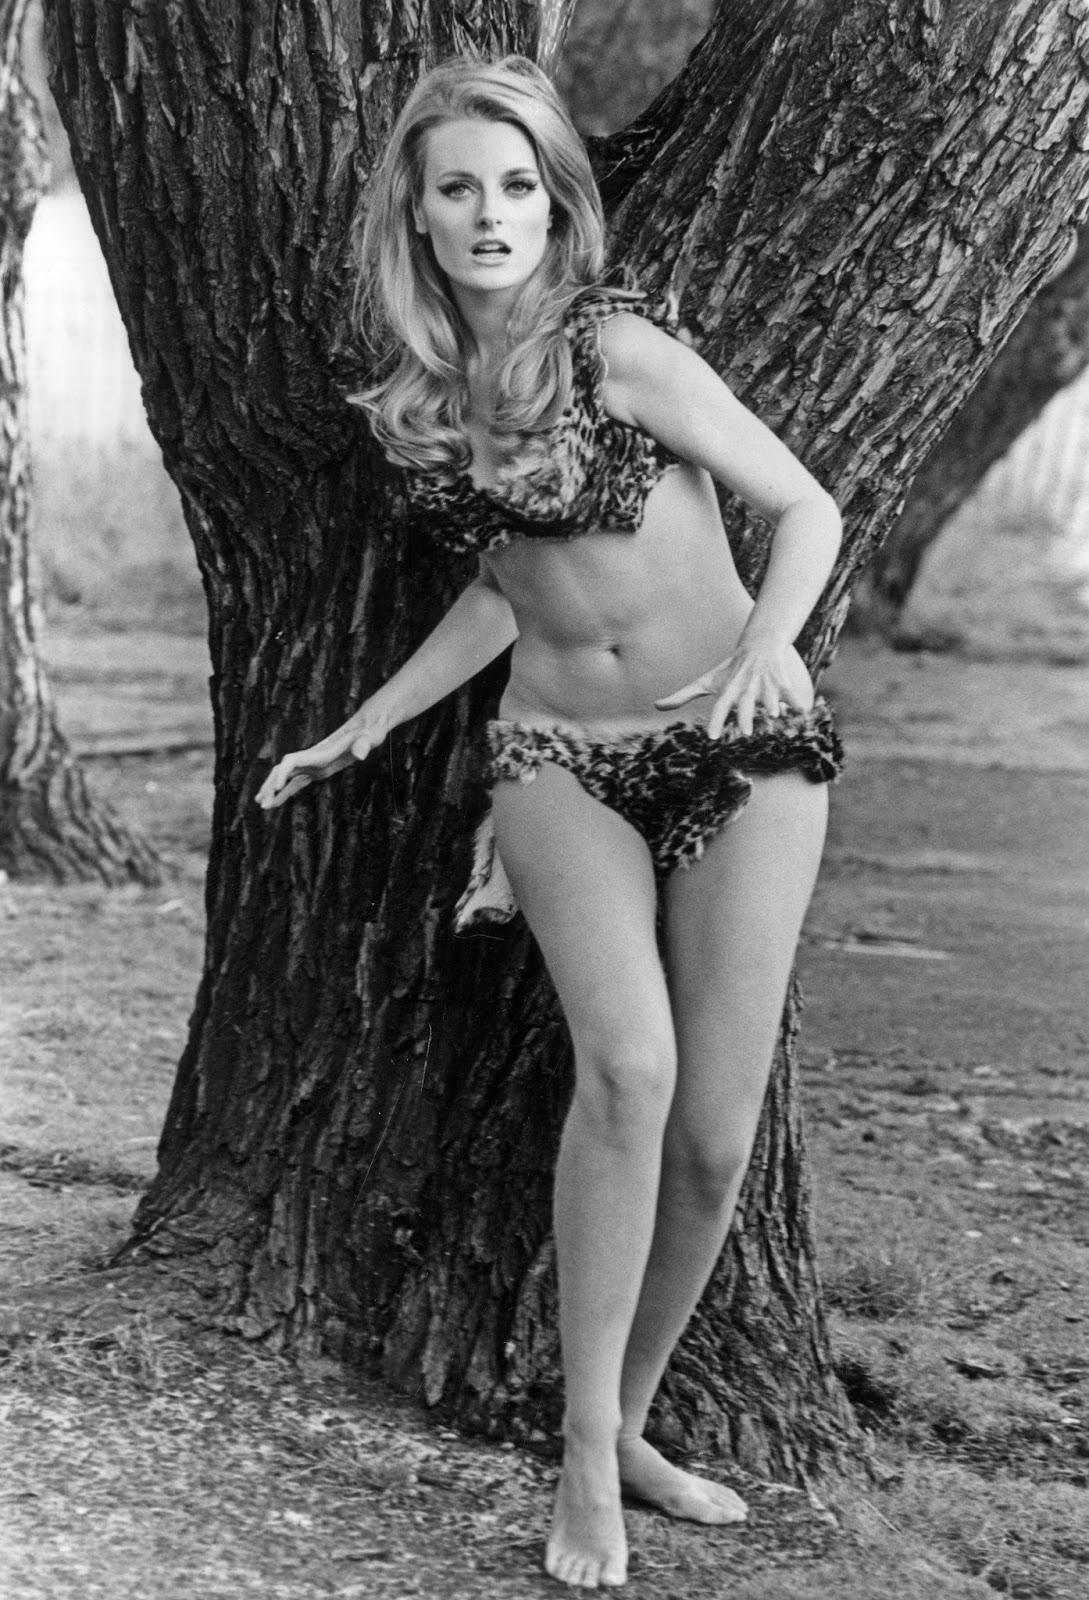 Celeste Yarnall, 18 August 1967